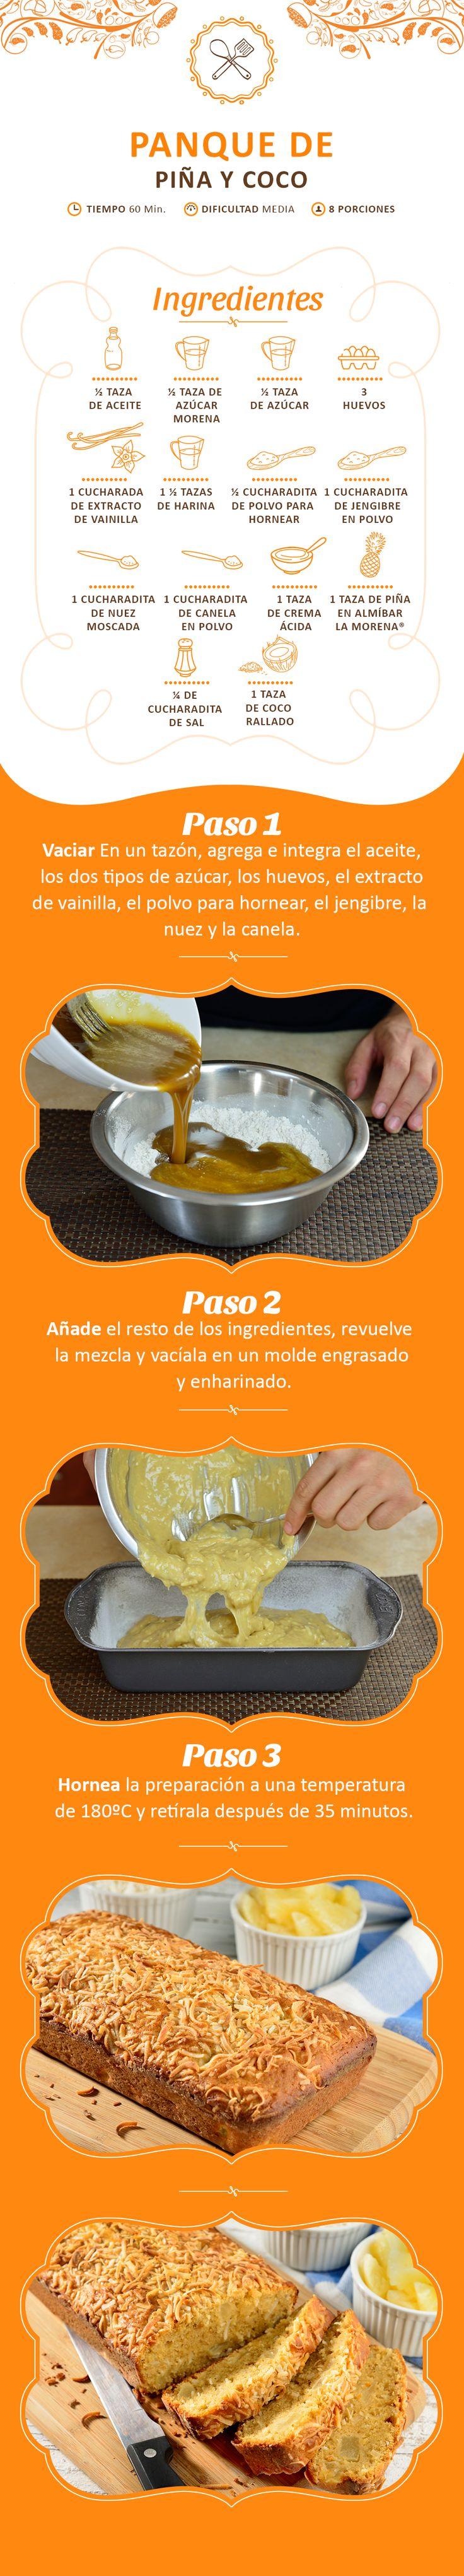 Si te gustó la receta de Panqué de Piña y Coco ahora podrás llevarla en tu celular. ¡Sólo descarga este pin y a disfrutar!